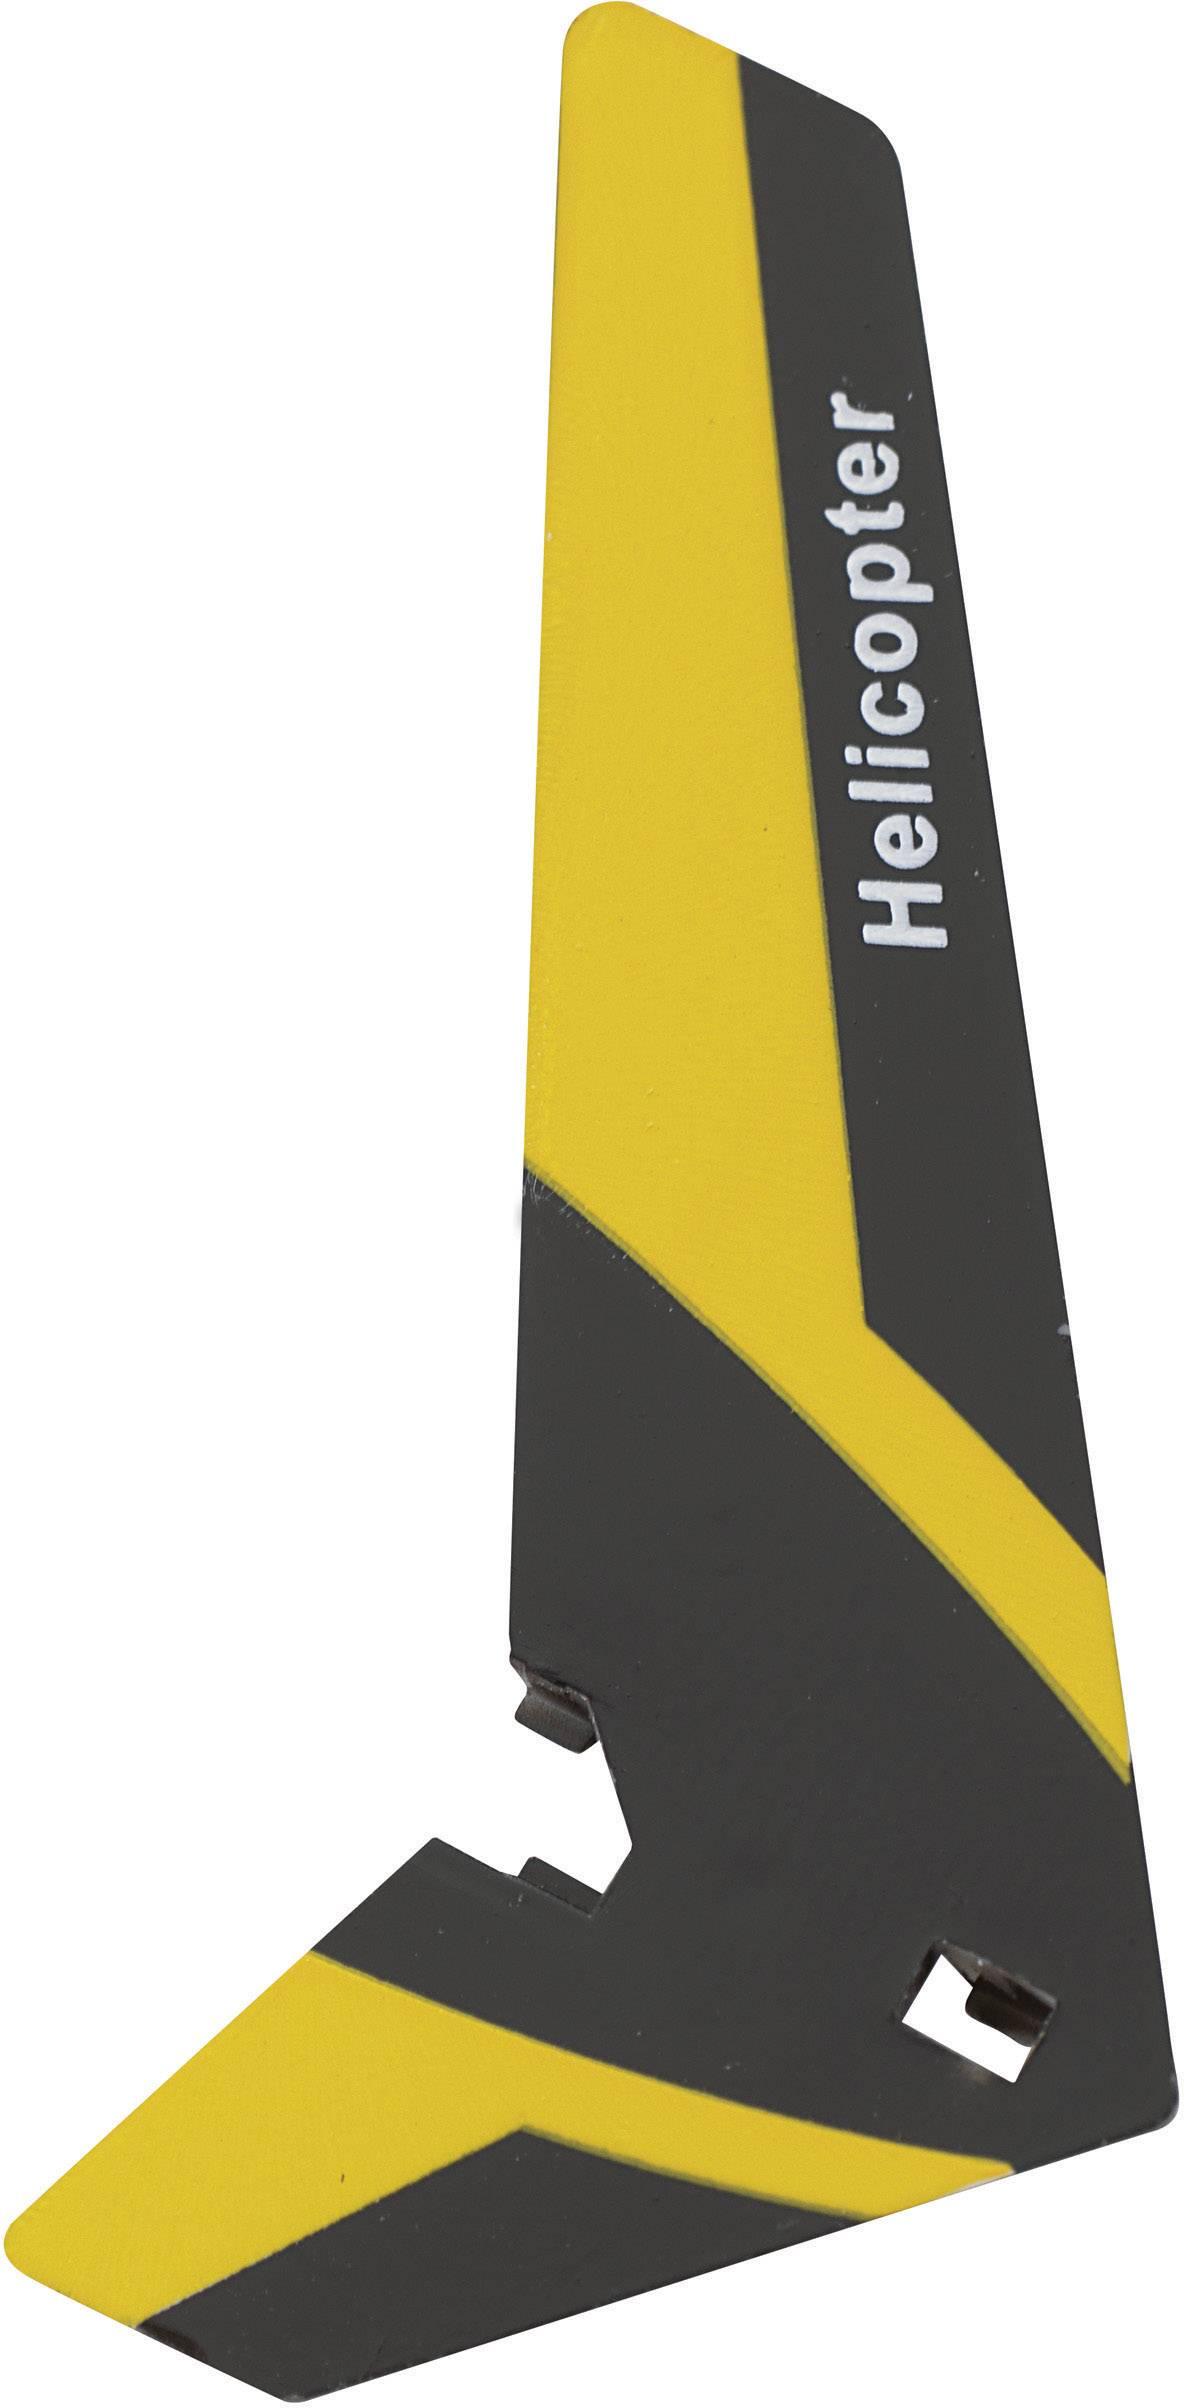 Směrovka Reely (BN 275106)